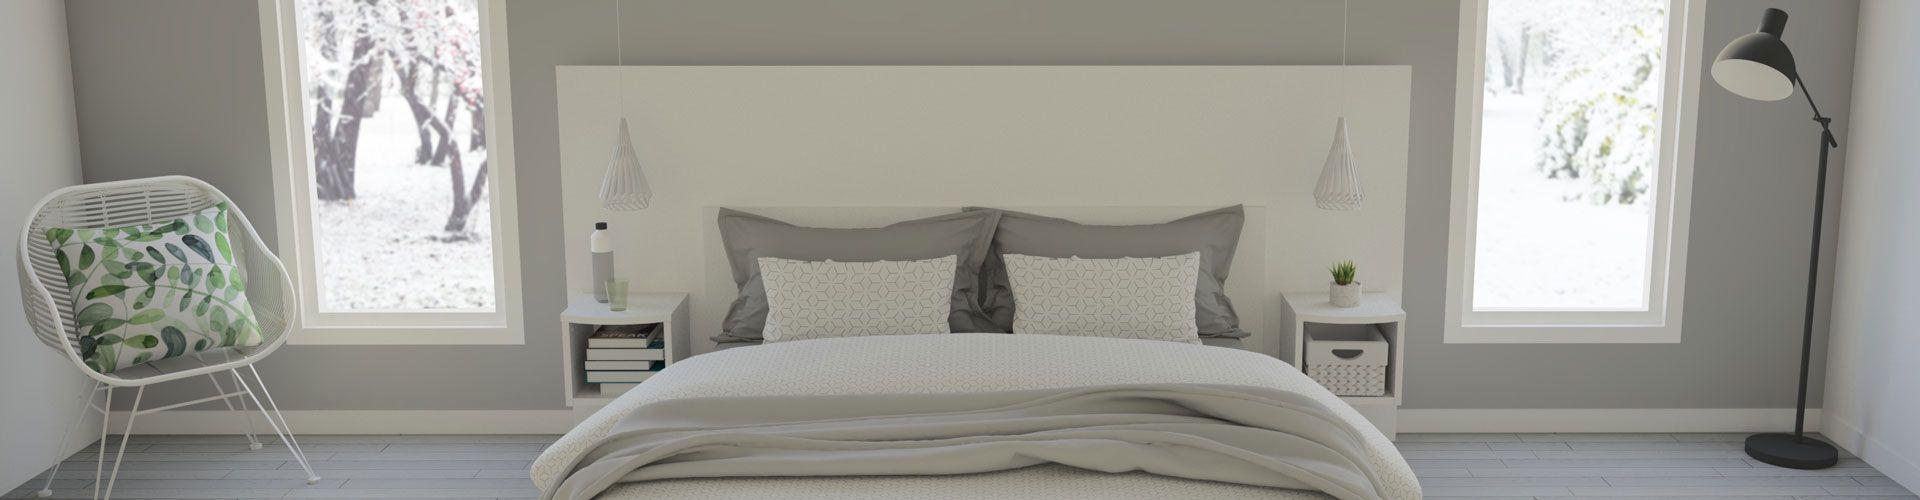 Tête de lit de 160 cm